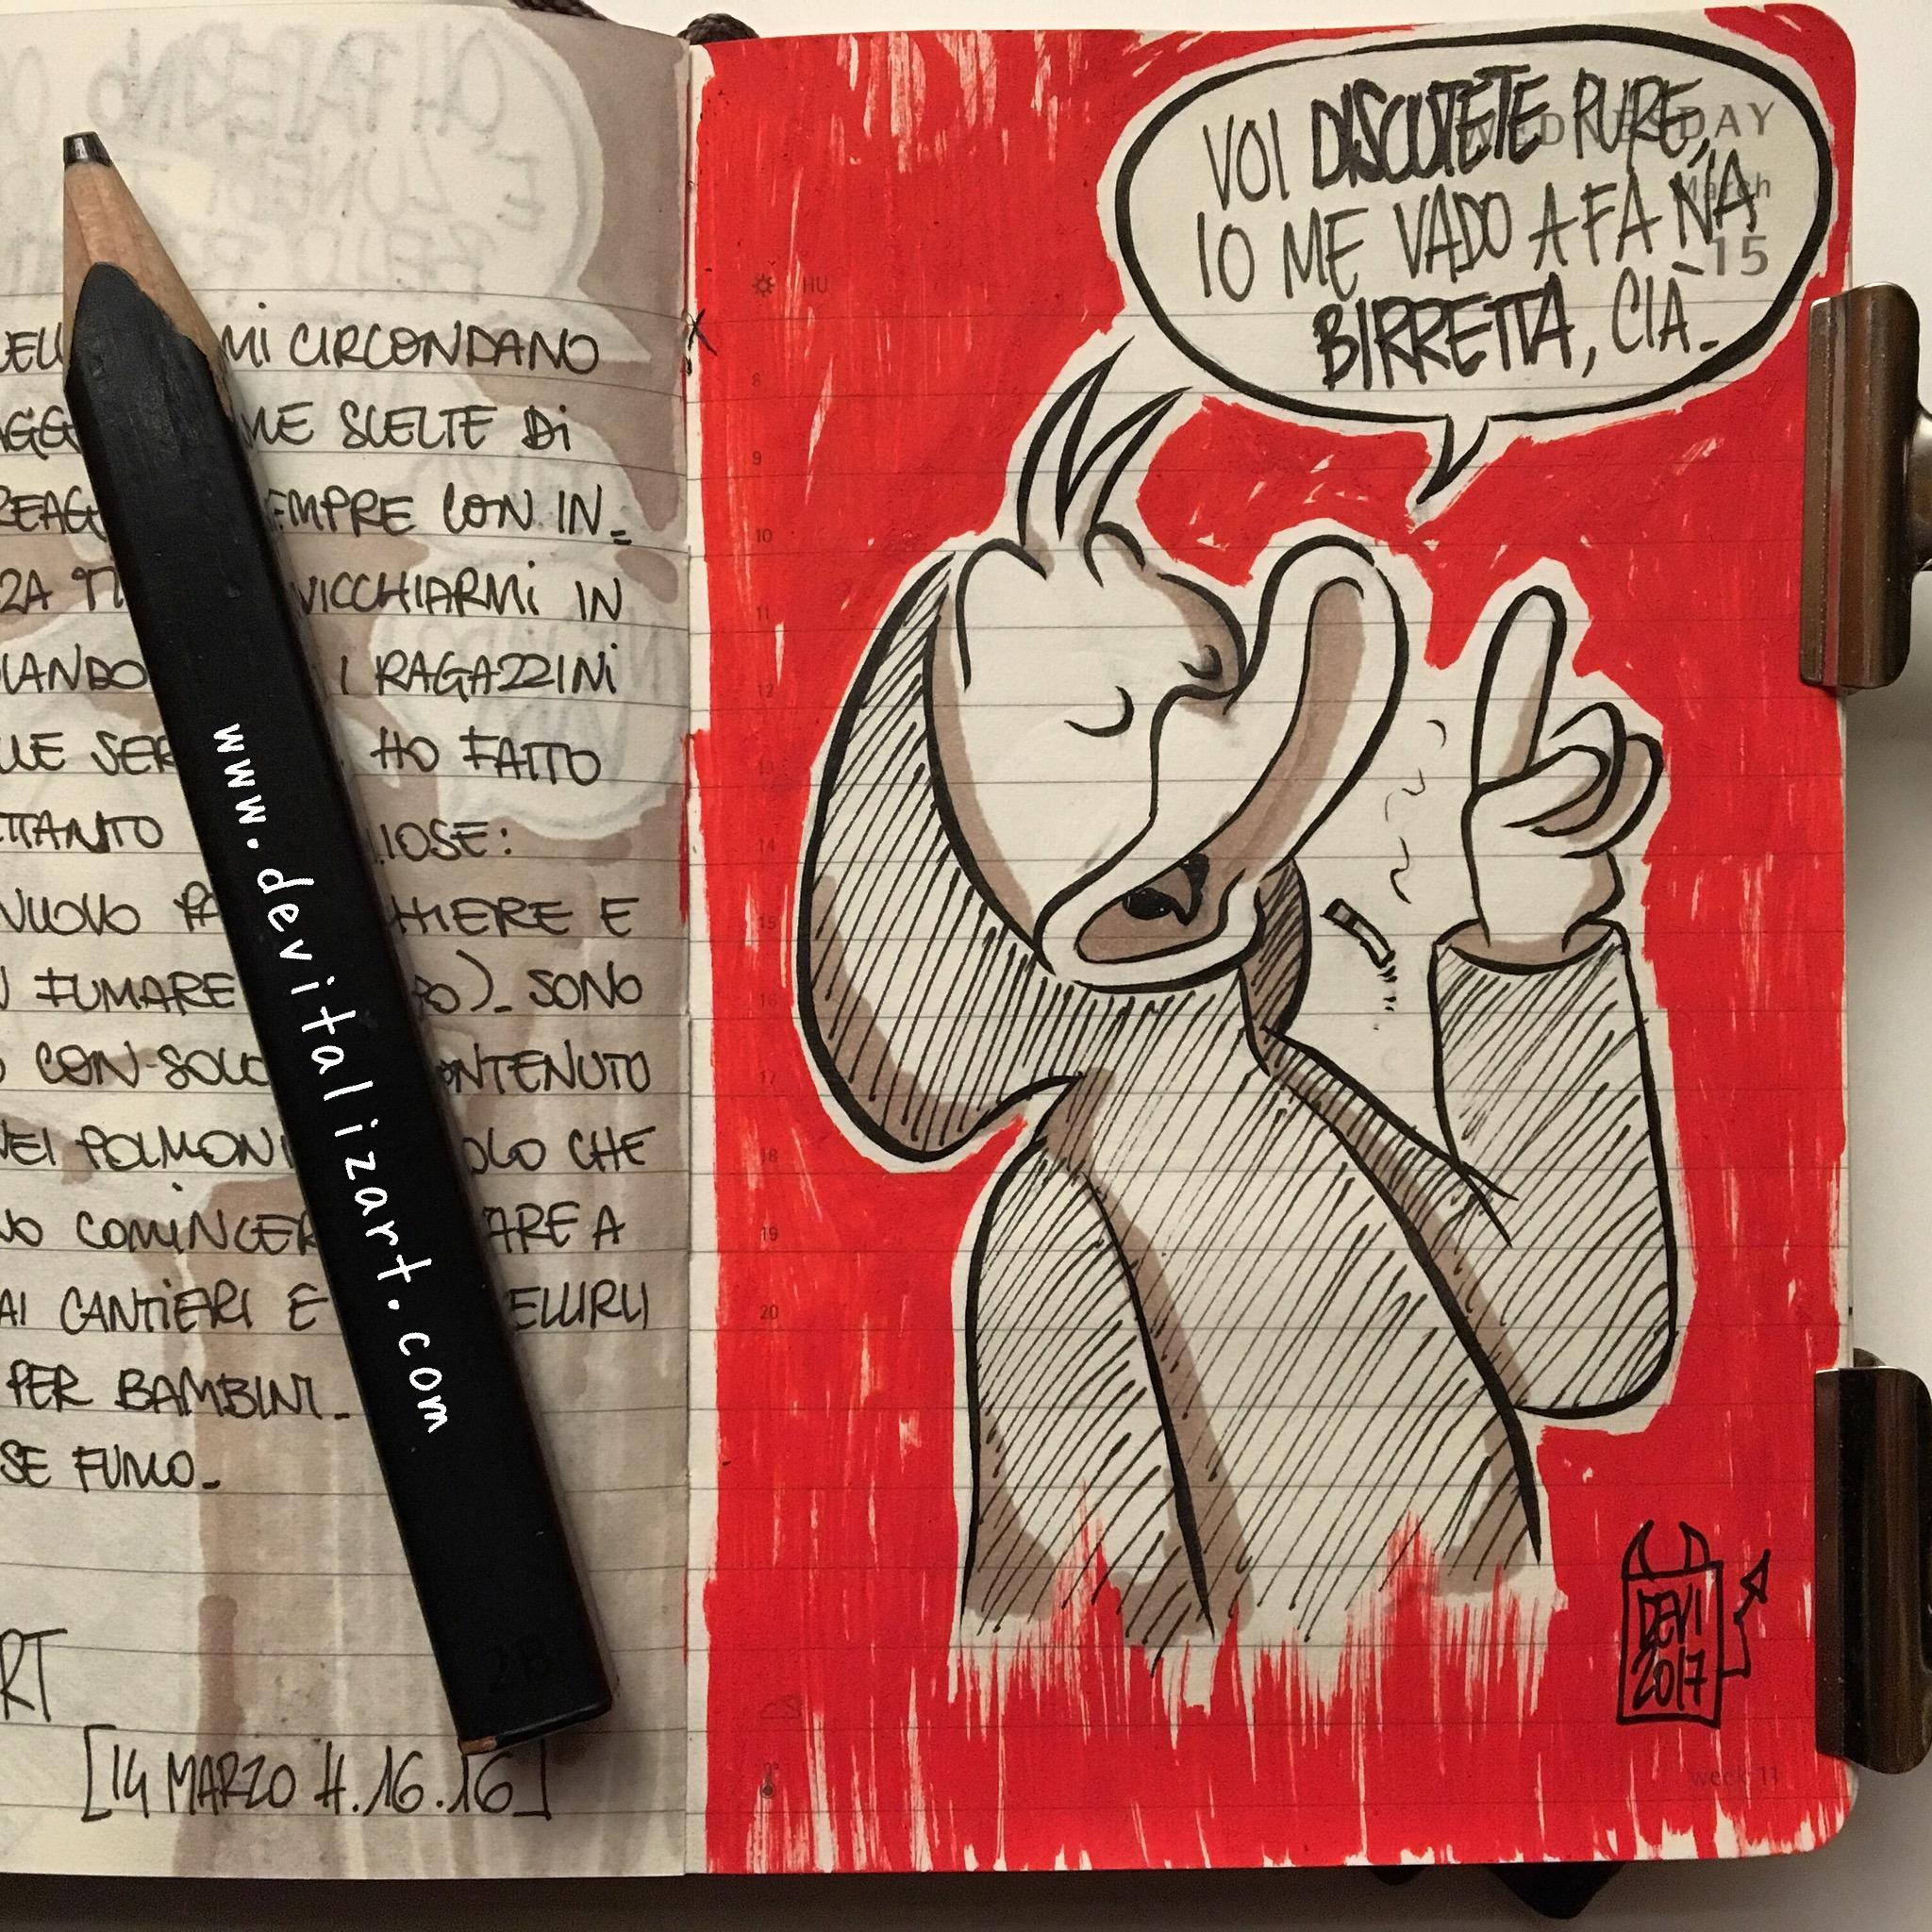 Topolino è rimasto a discutere, sicuro. (Sketchino della notte, reference @topolinomagazine ❤)